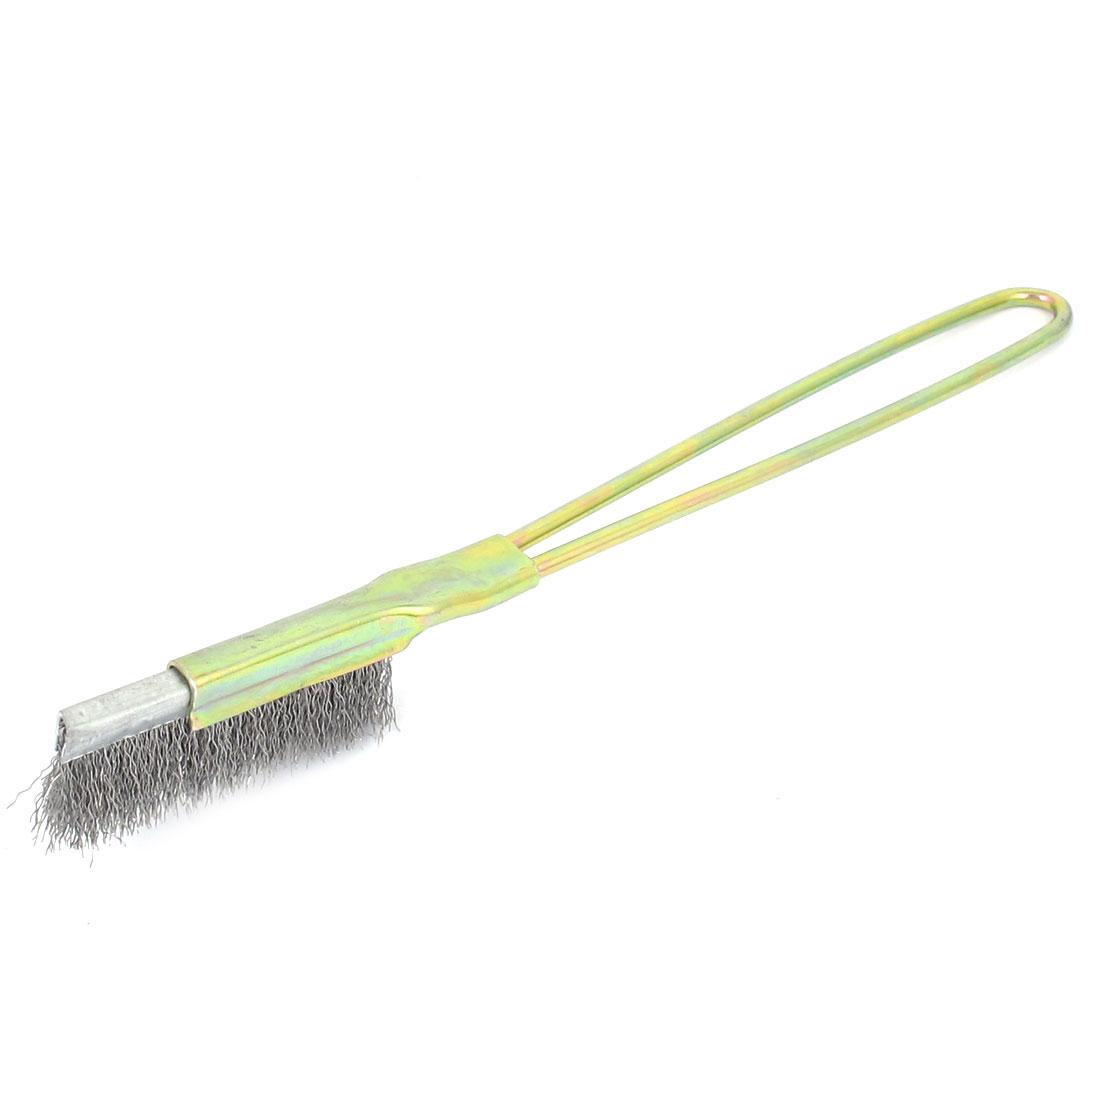 21cm Length Handheld Metal Handle Steel Wire Cleaning Brush Tool